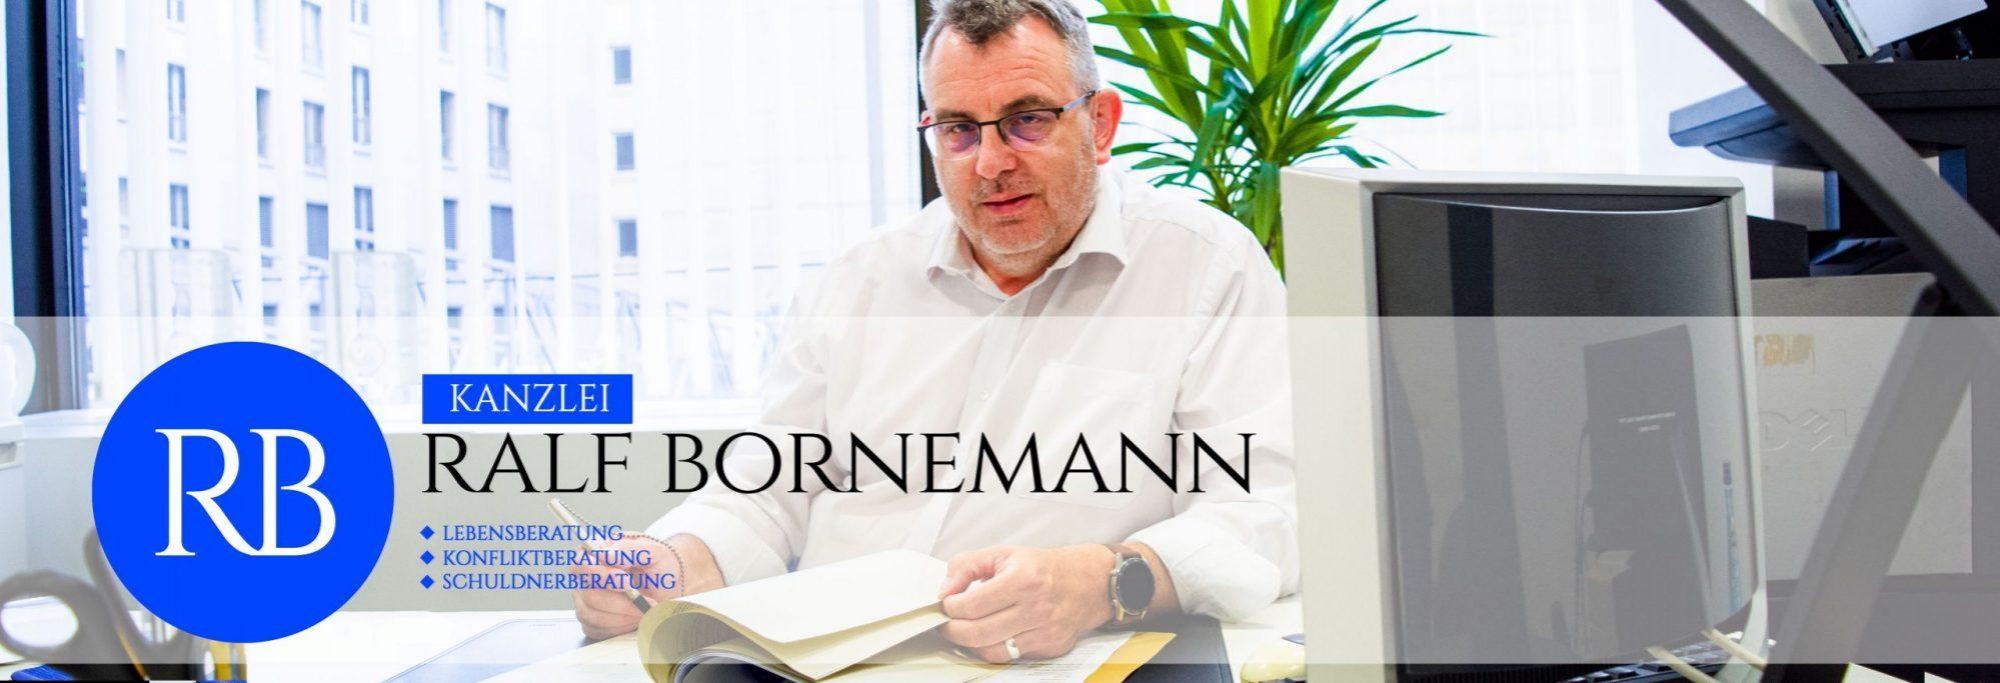 Kanzlei Ralf Bornemann | Schuldnerberatung Konfliktberatung